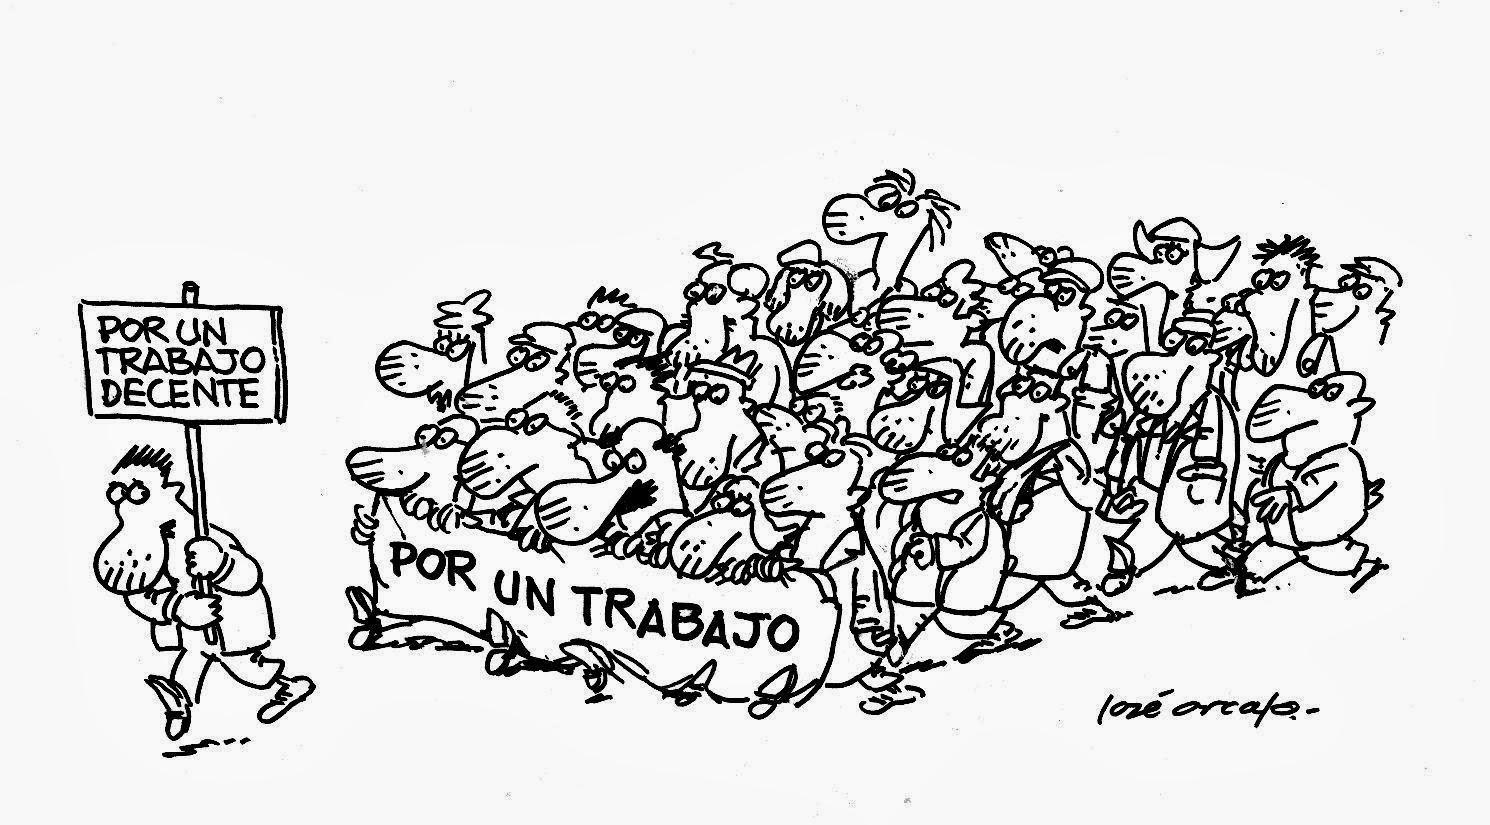 TENEMOS DERECHO AL TRABAJO